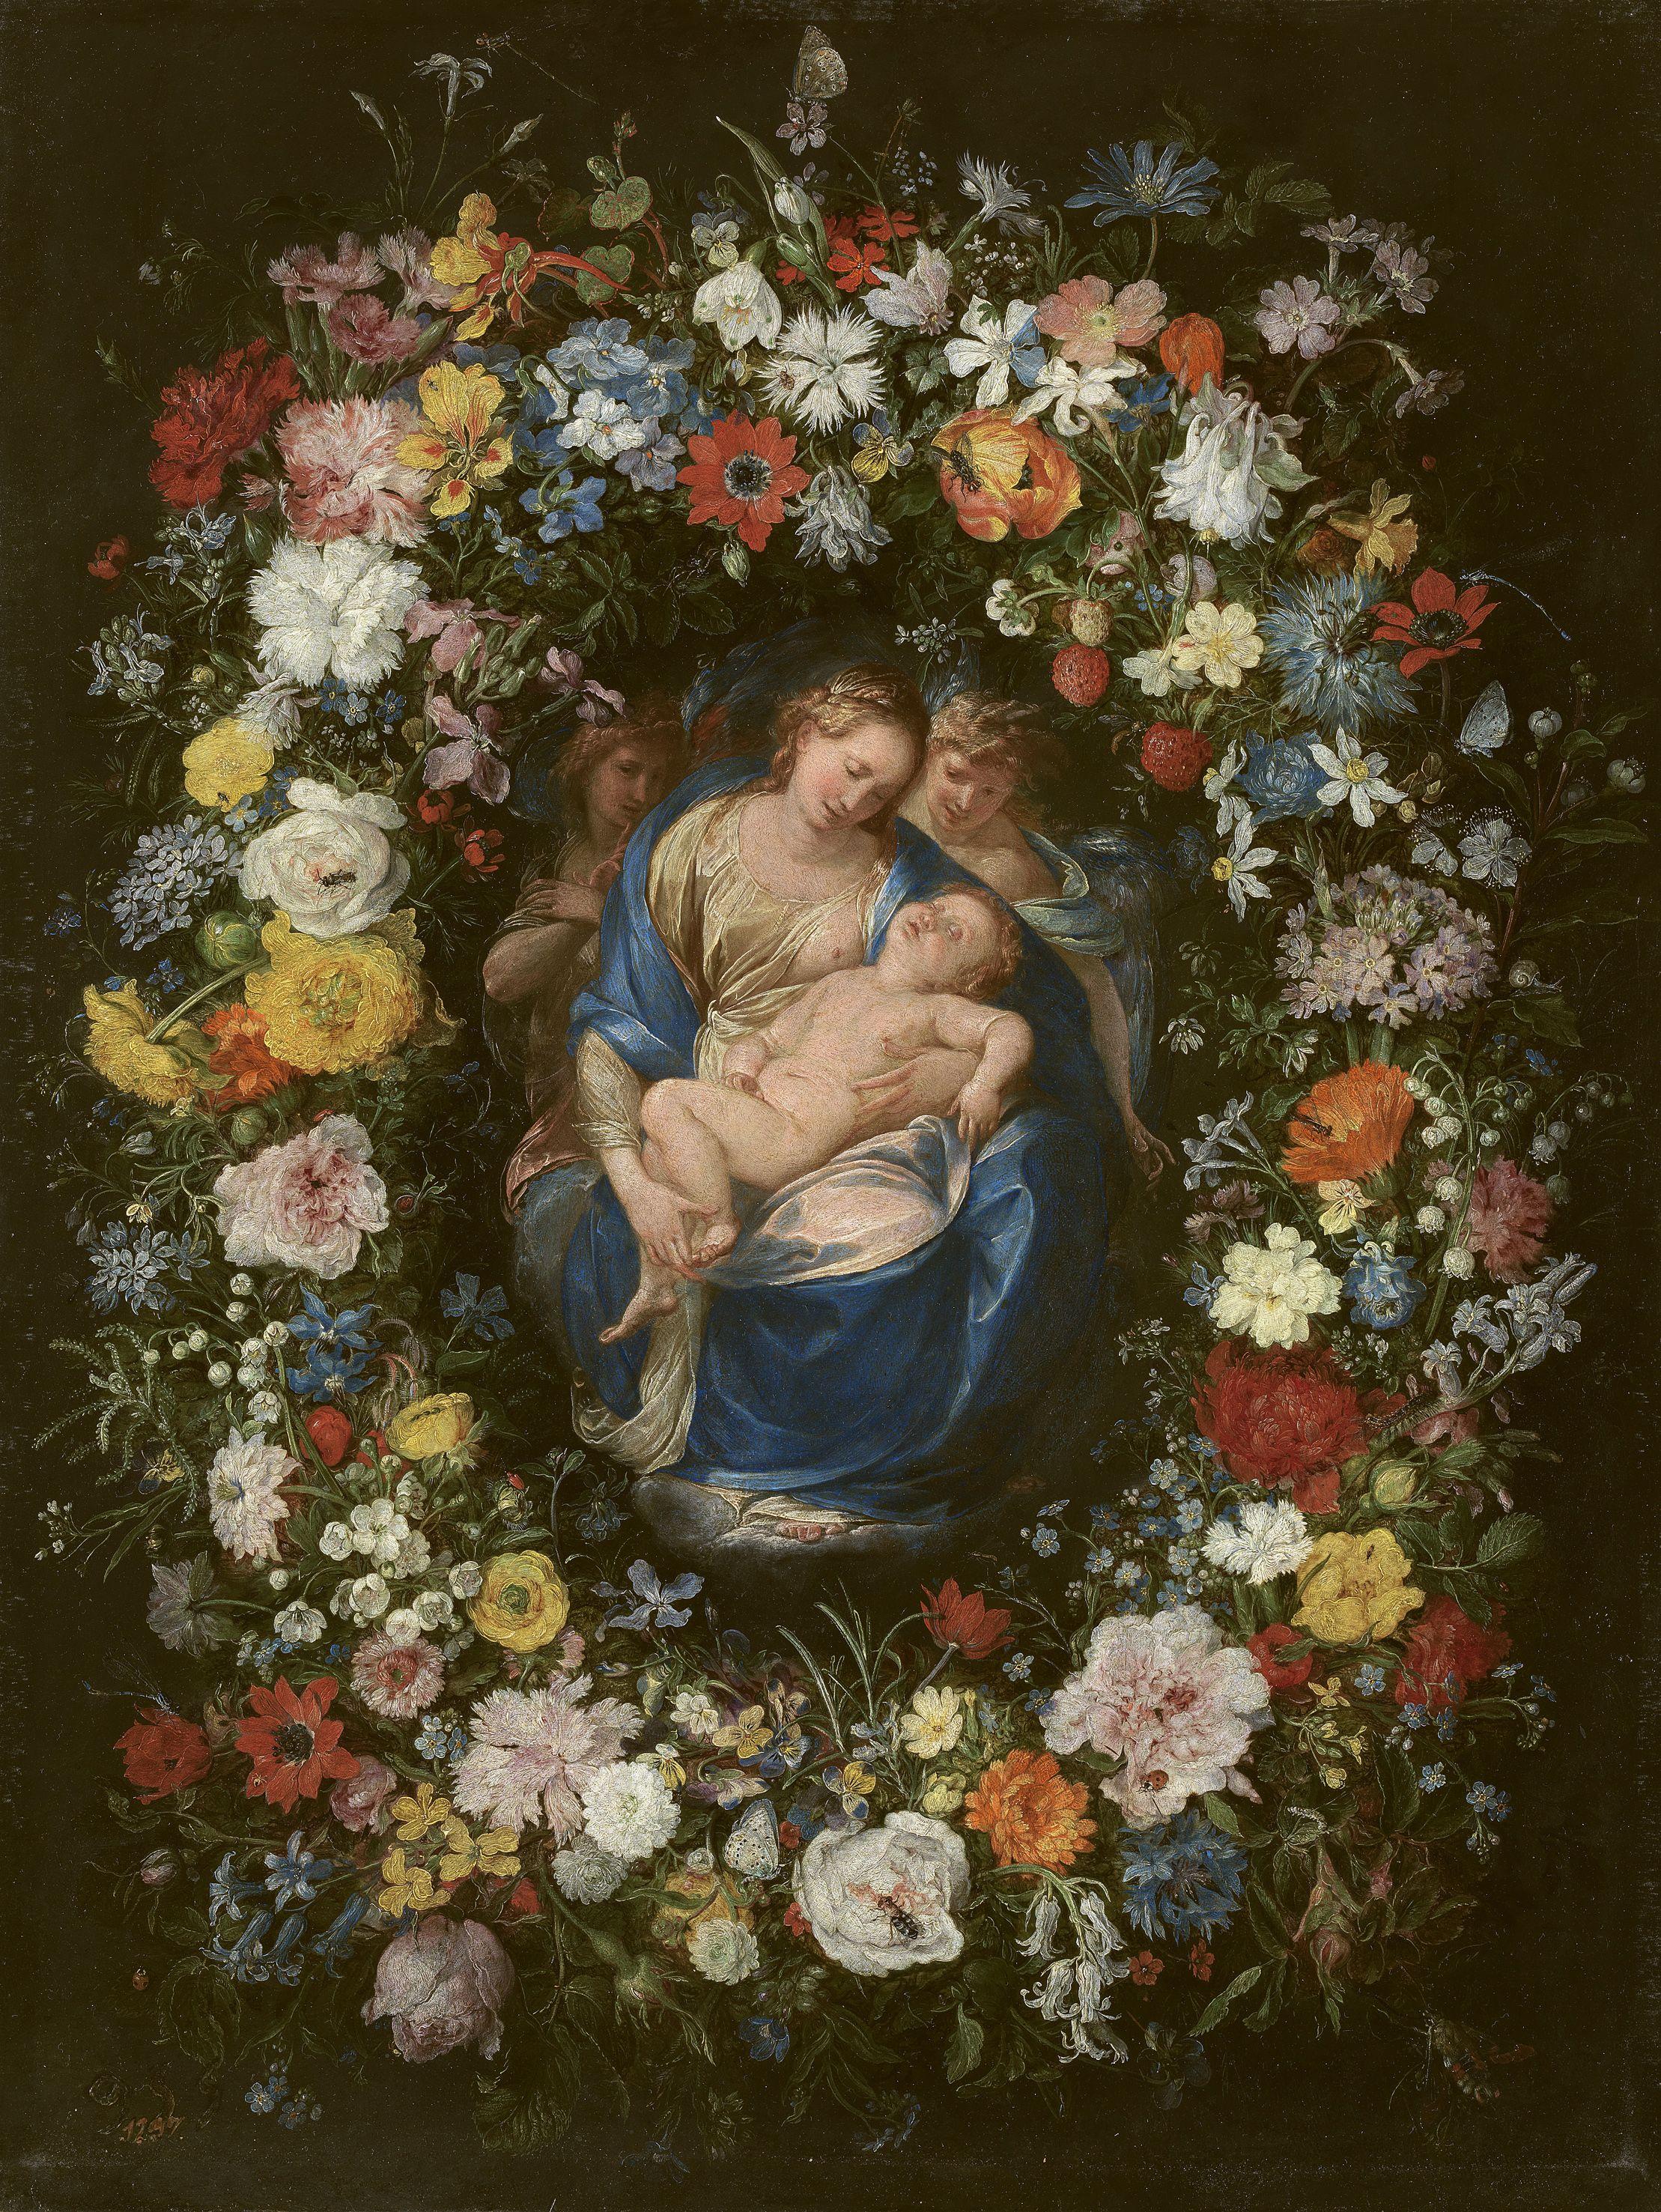 Quot Guirnalda Con La Virgen El Ni 241 O Y Dos 225 Ngeles Quot Jan